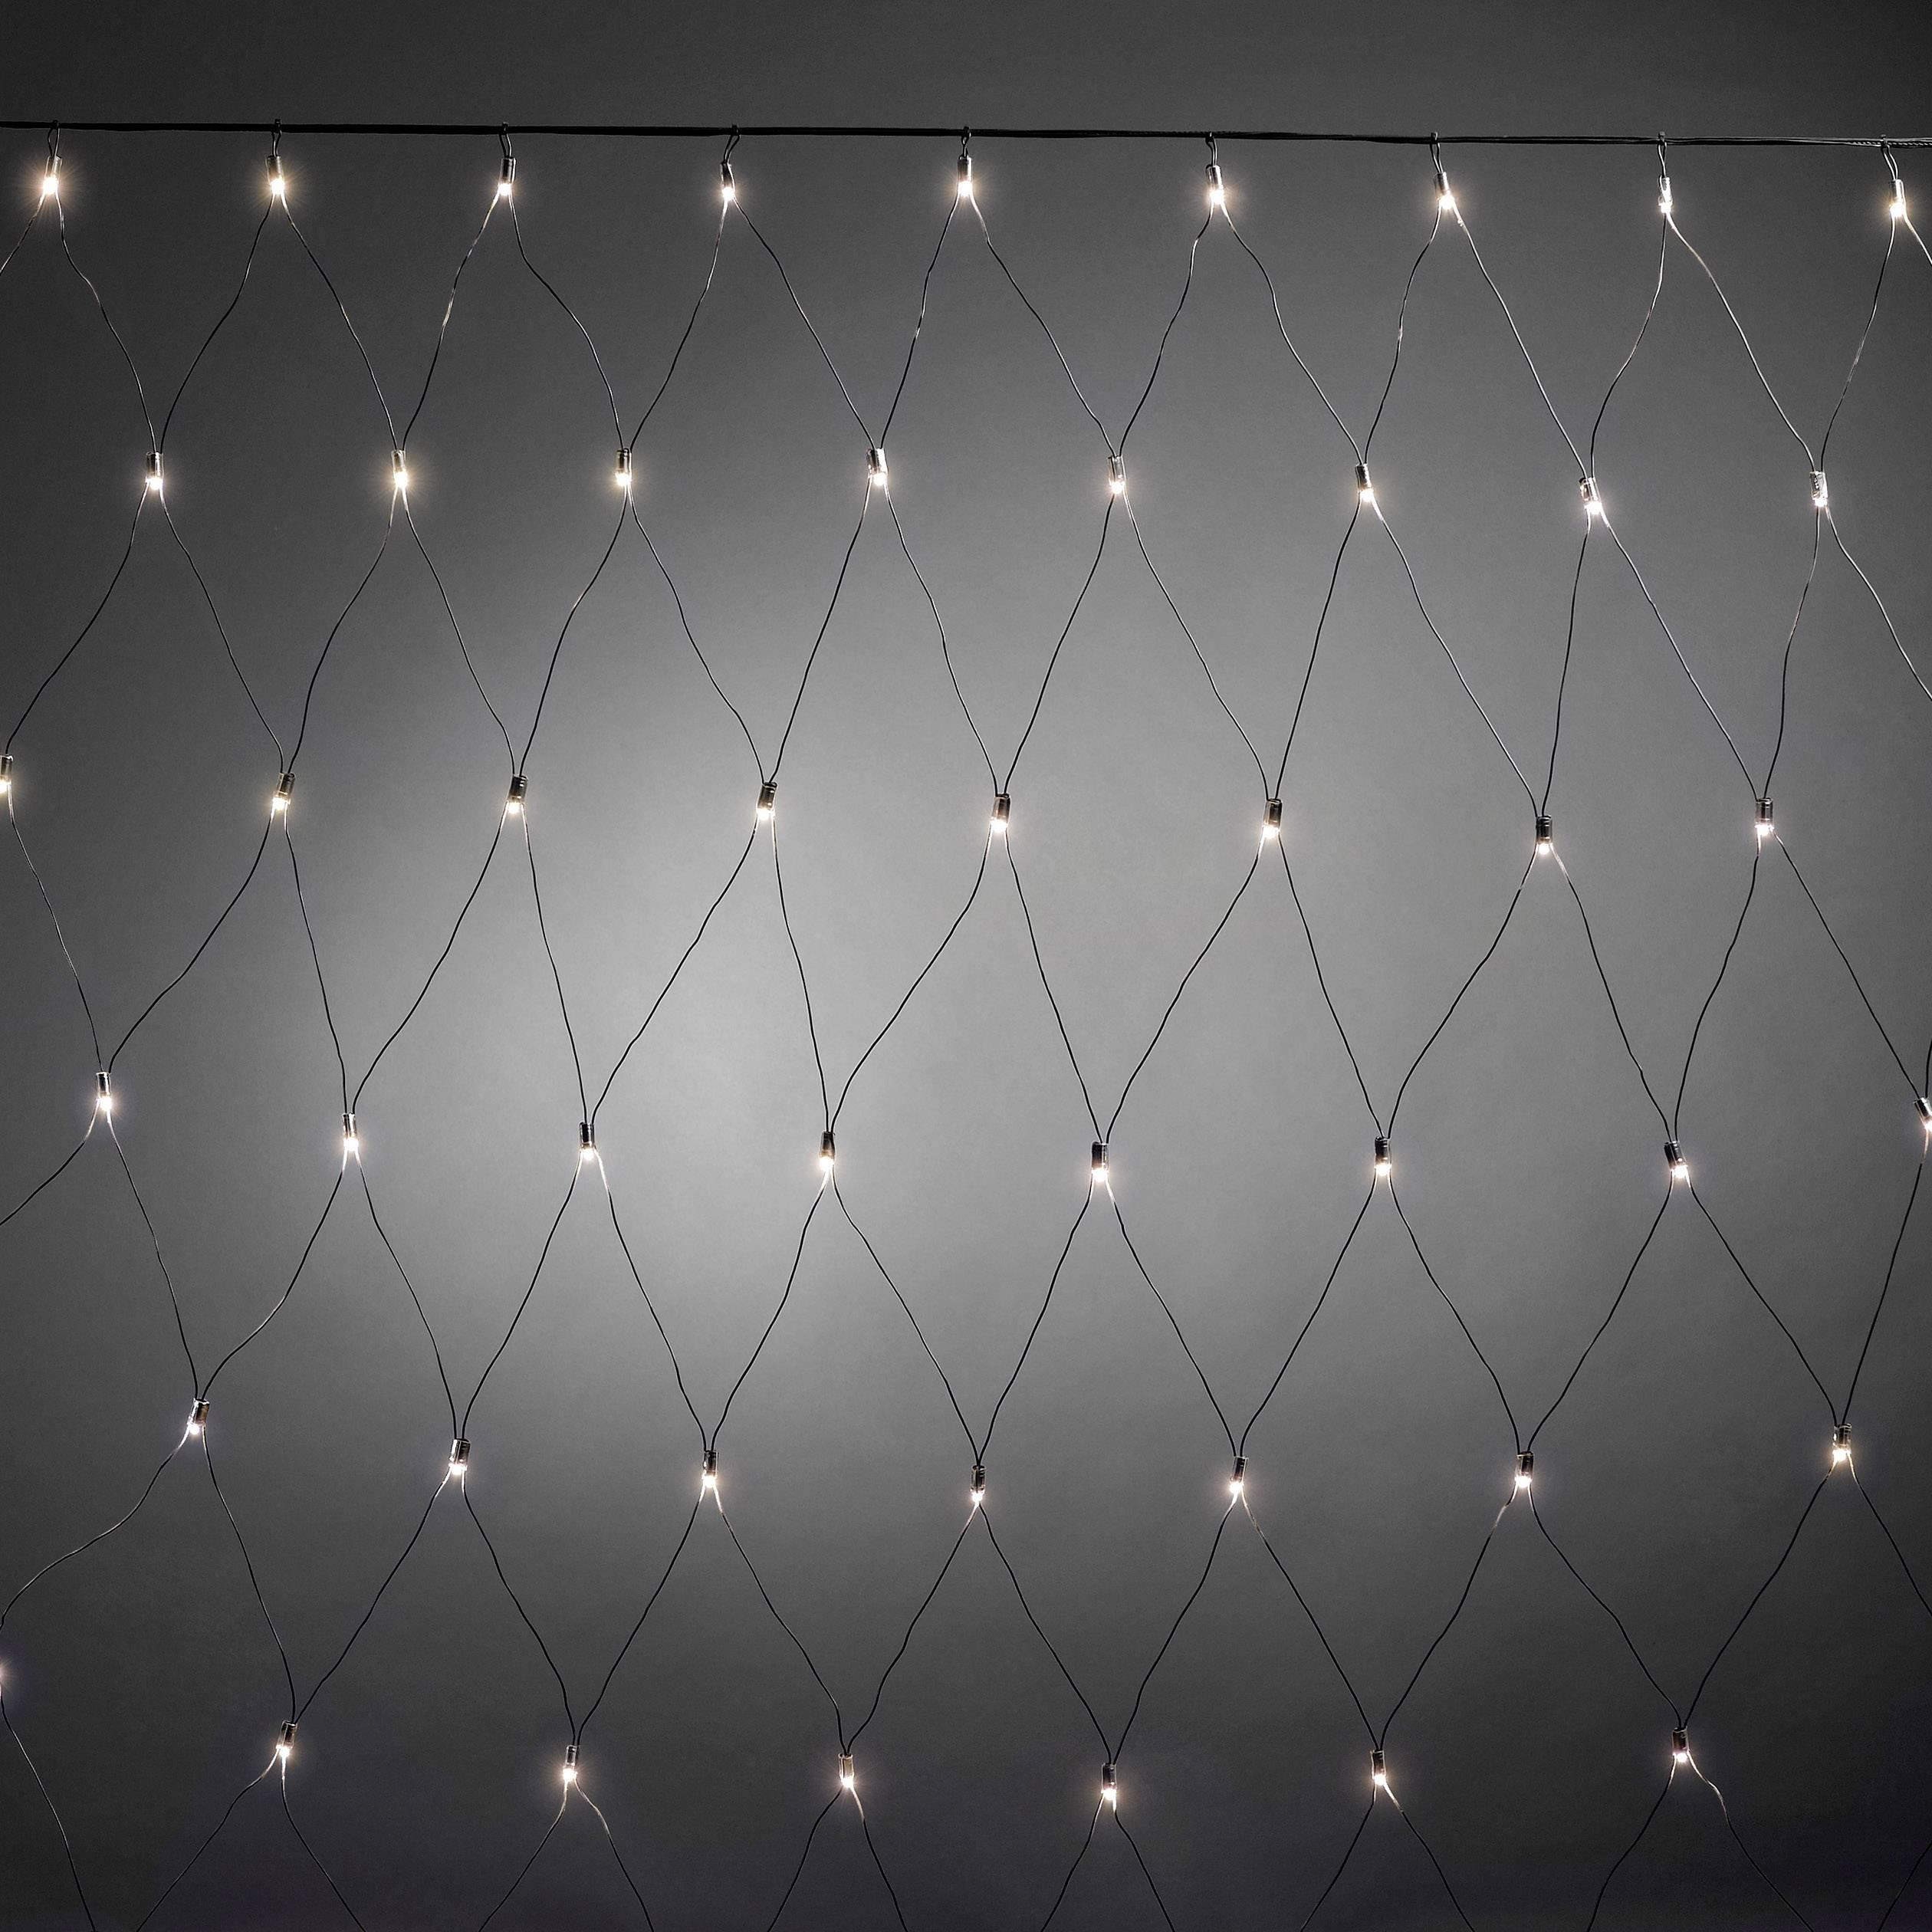 izdelek-konstsmide-led-razsiritev-za-sistem-svetlobne-mreze-24-v-sve-2